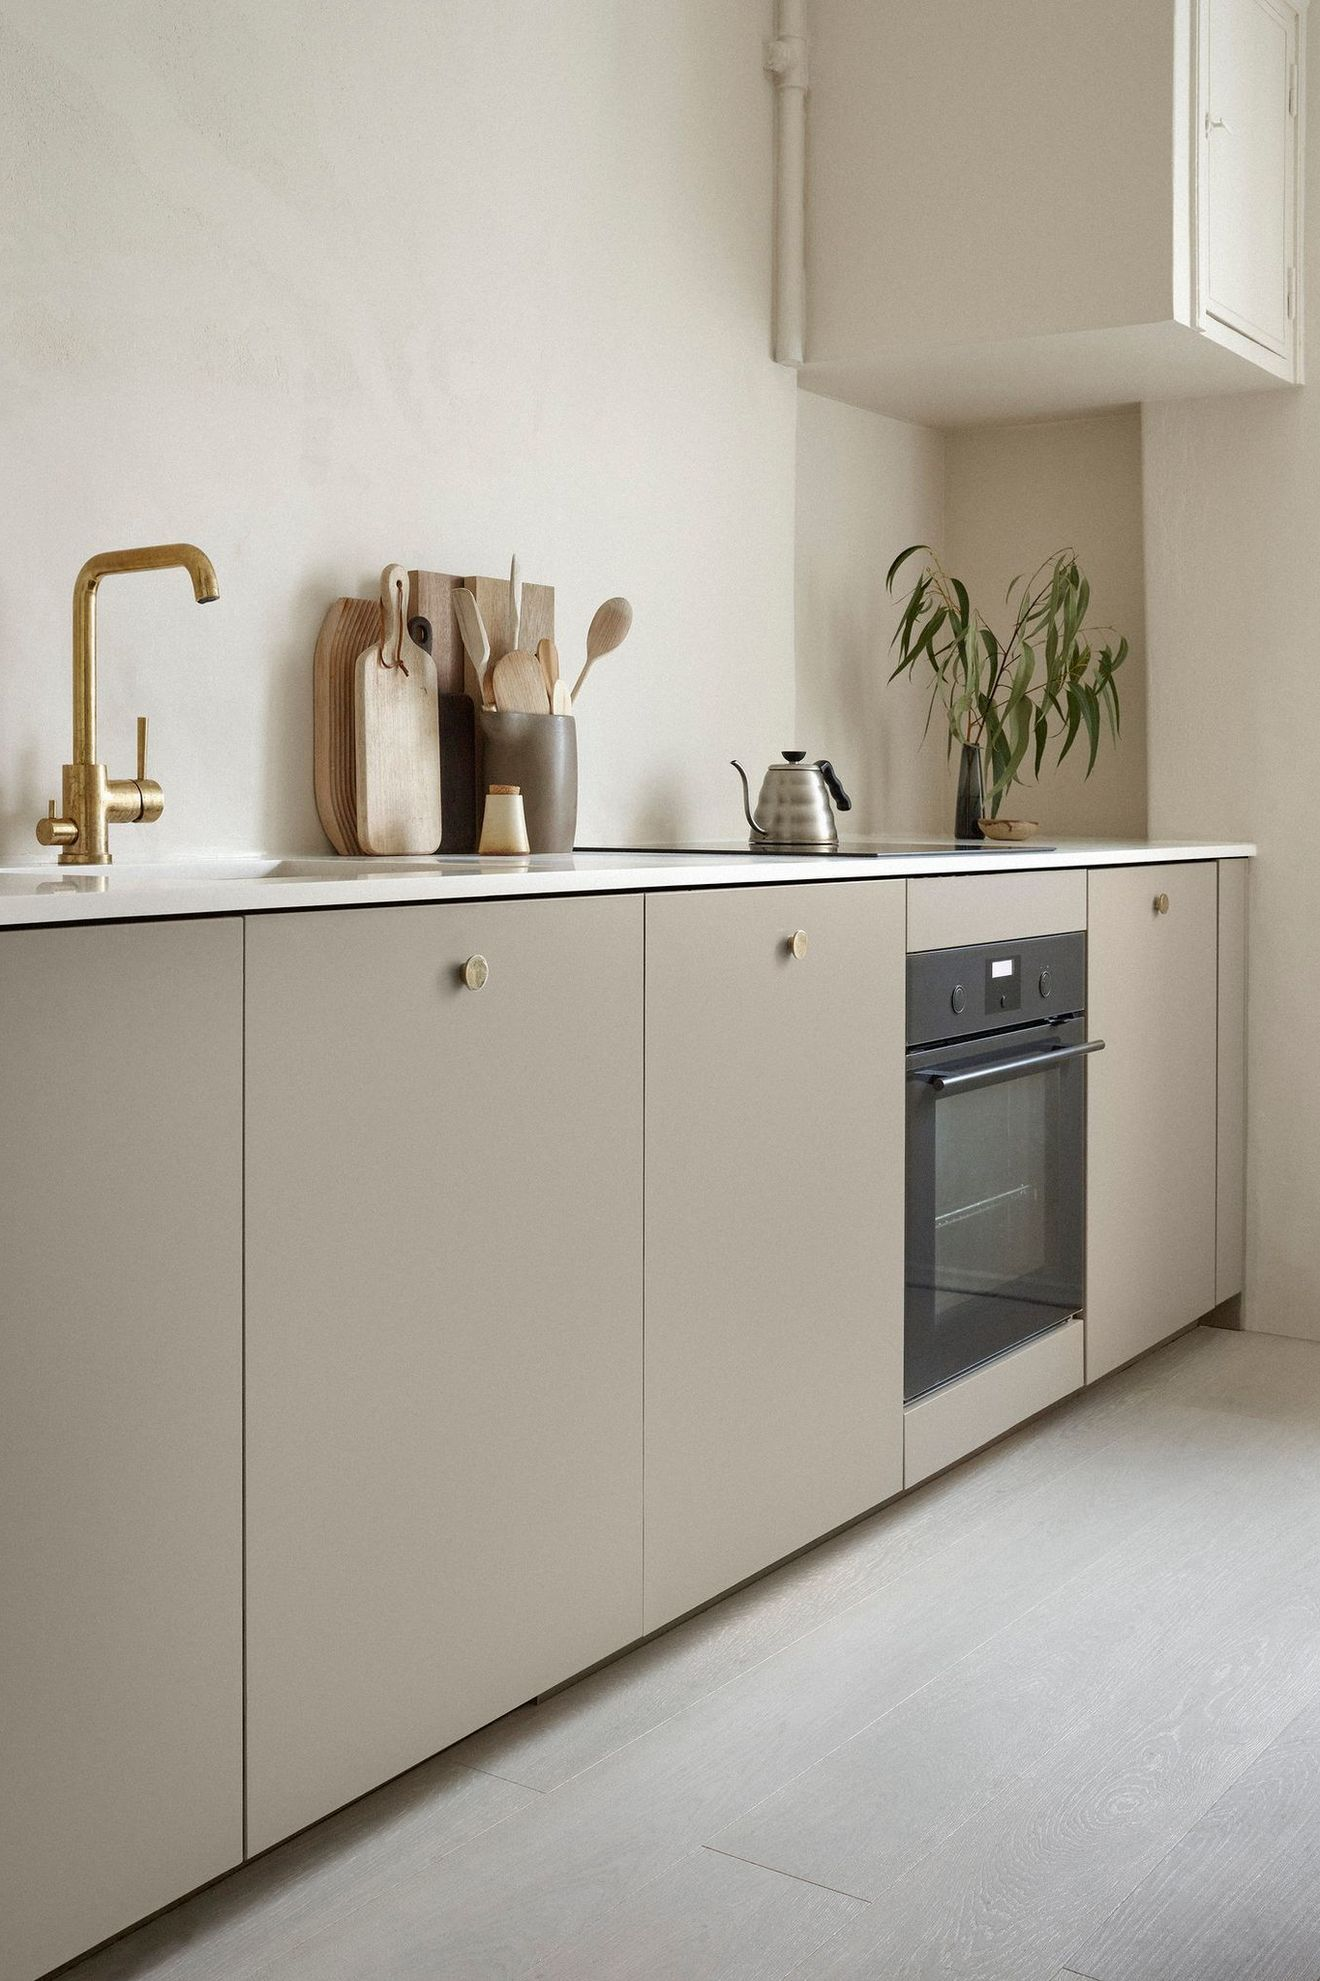 Trendy Cuisine Inspiration From Modern Kitchens Beige Kitchen